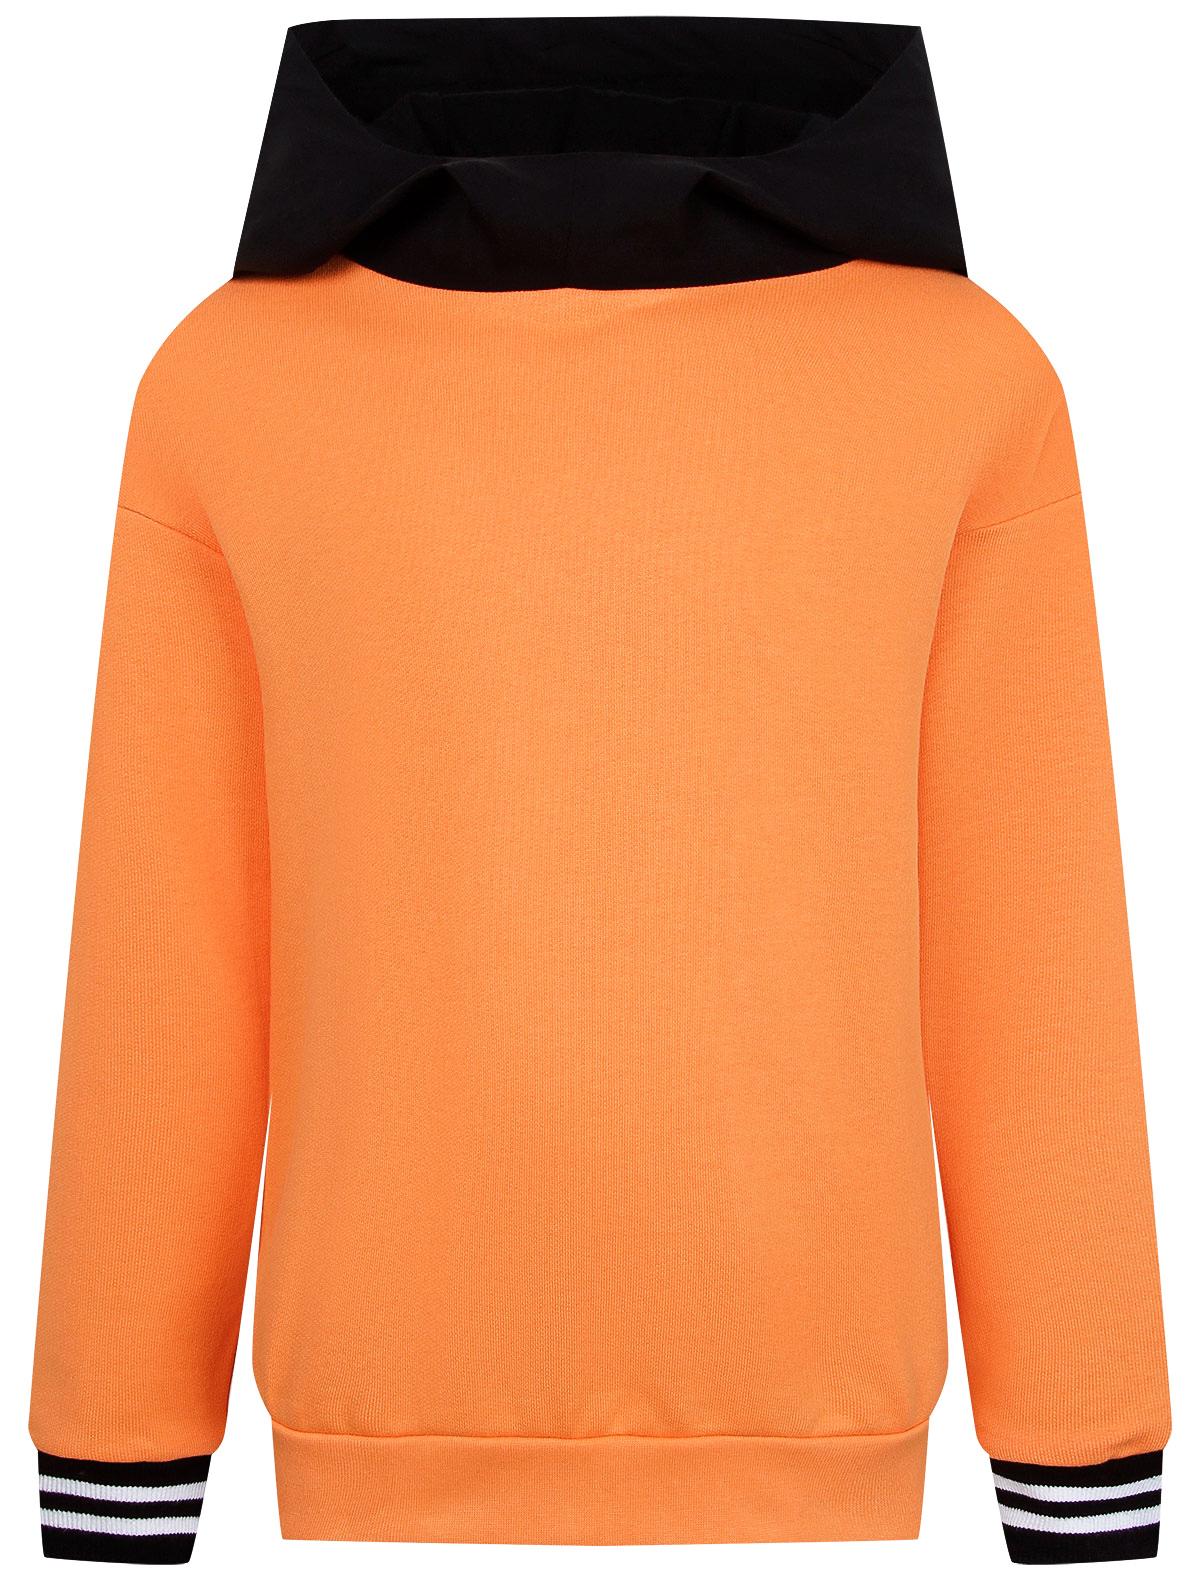 Купить 2217055, Худи Fendi, оранжевый, Мужской, 0094519071507